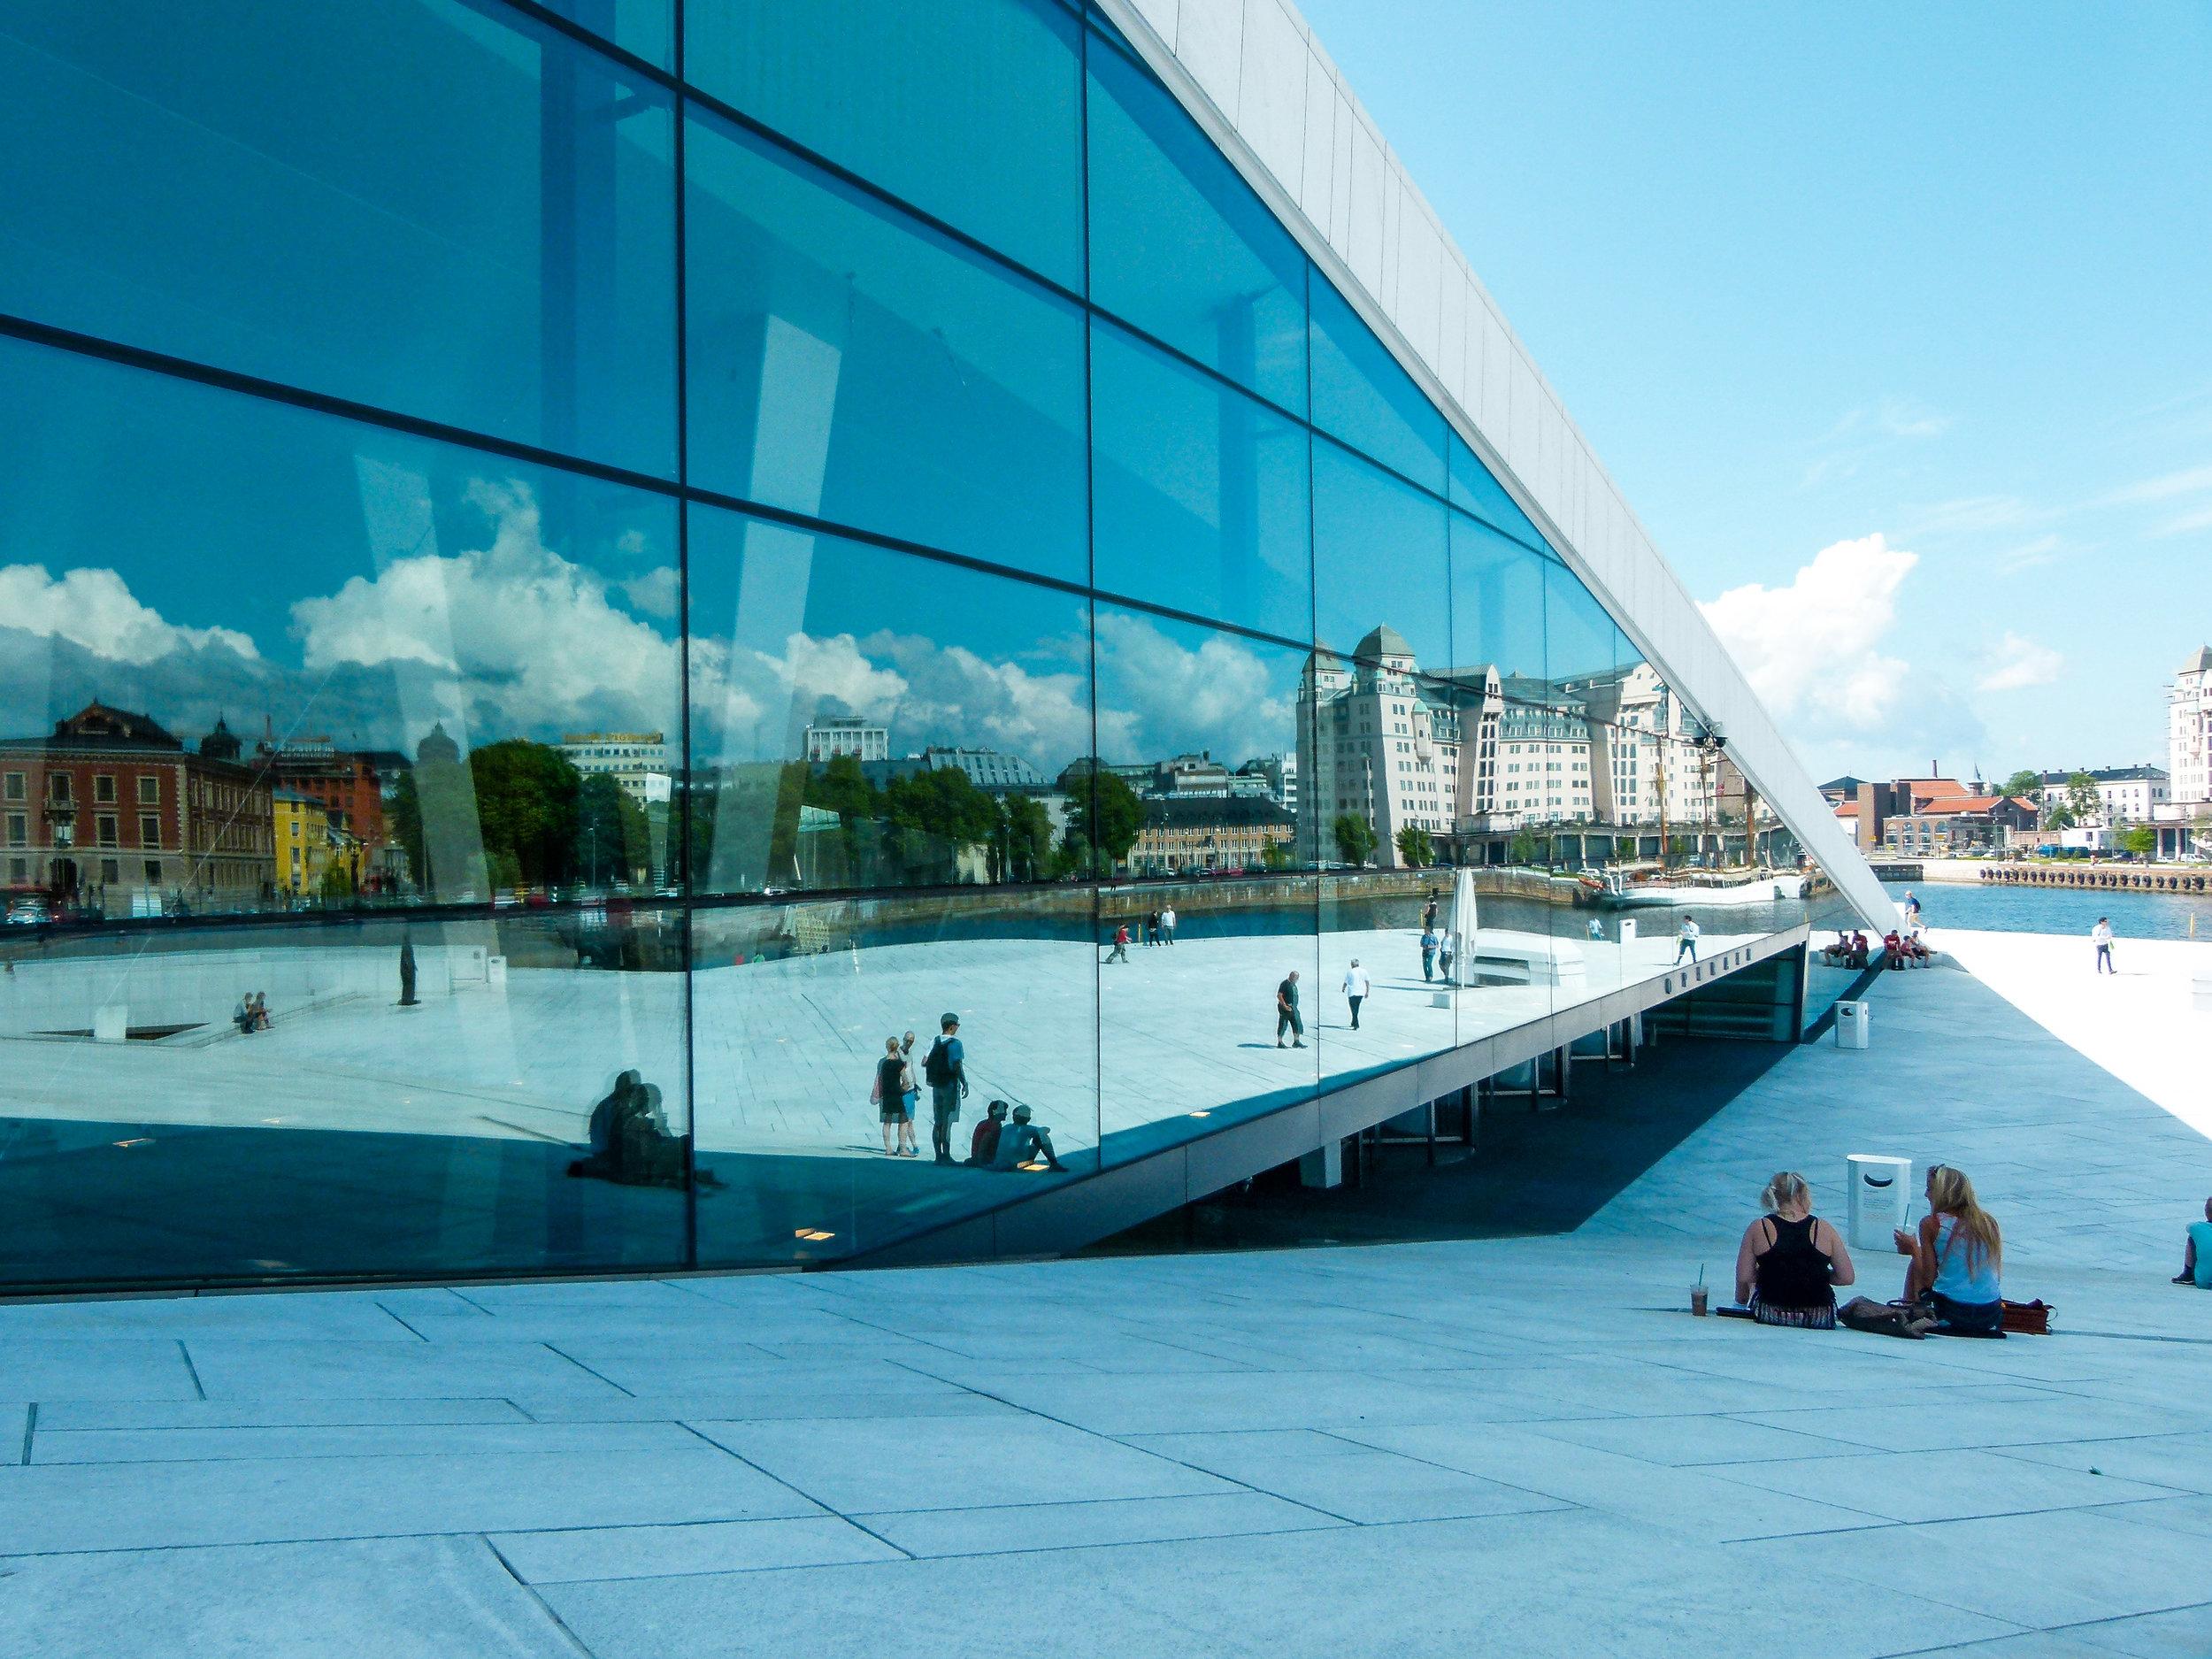 visit opera house oslo norway.jpg